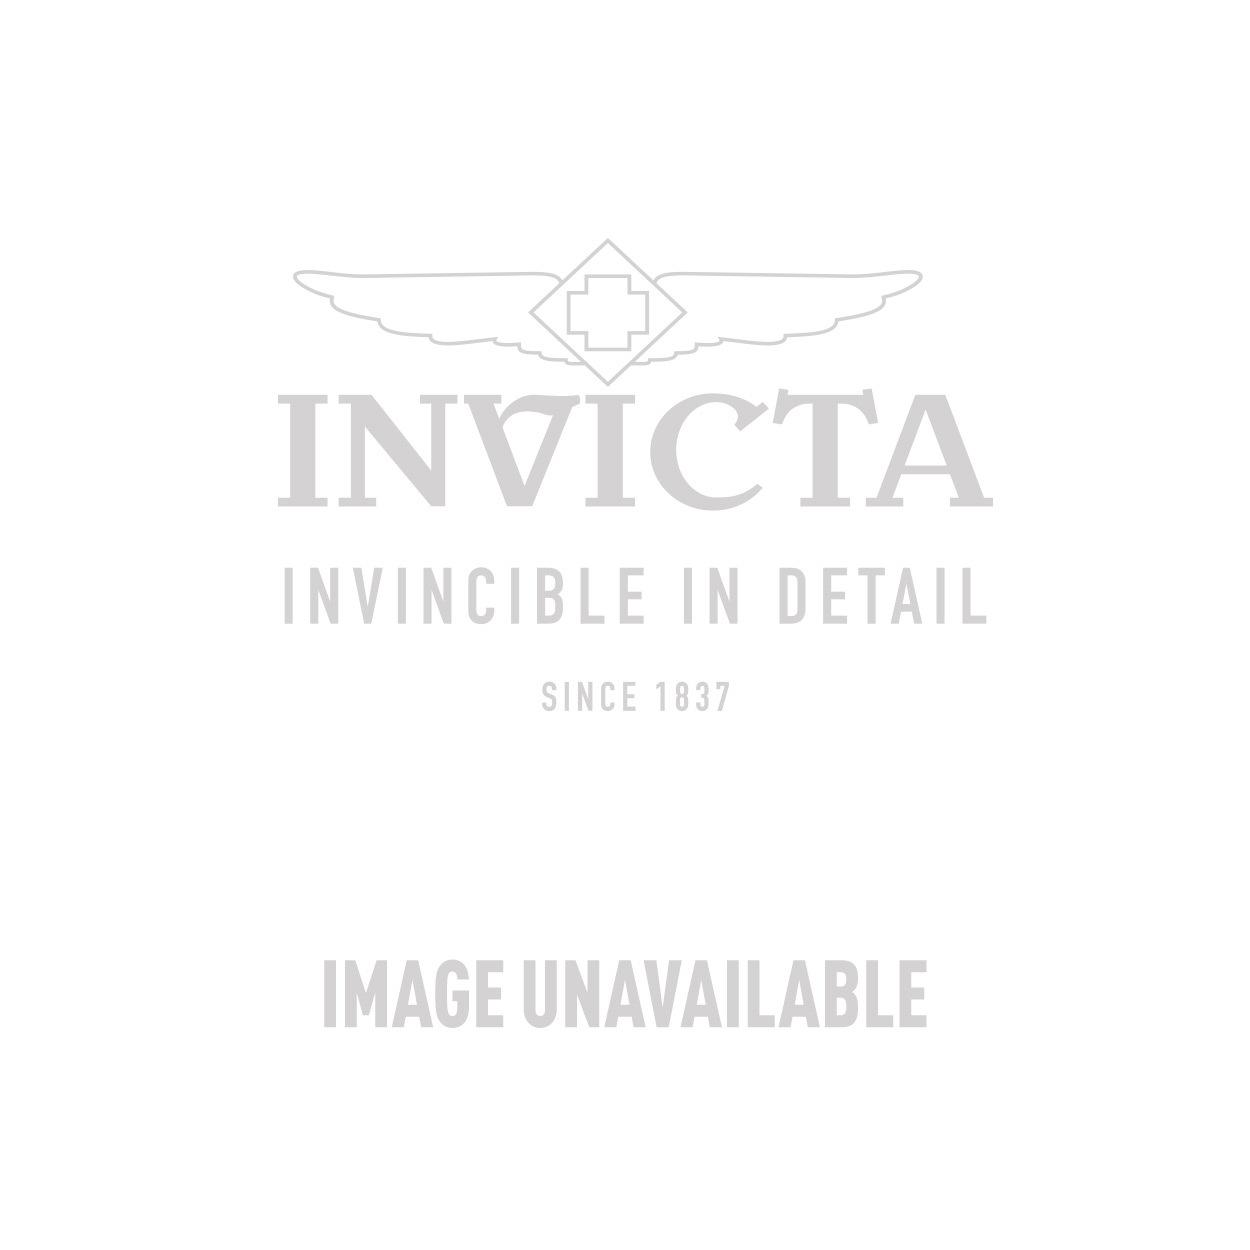 Invicta Model 28241